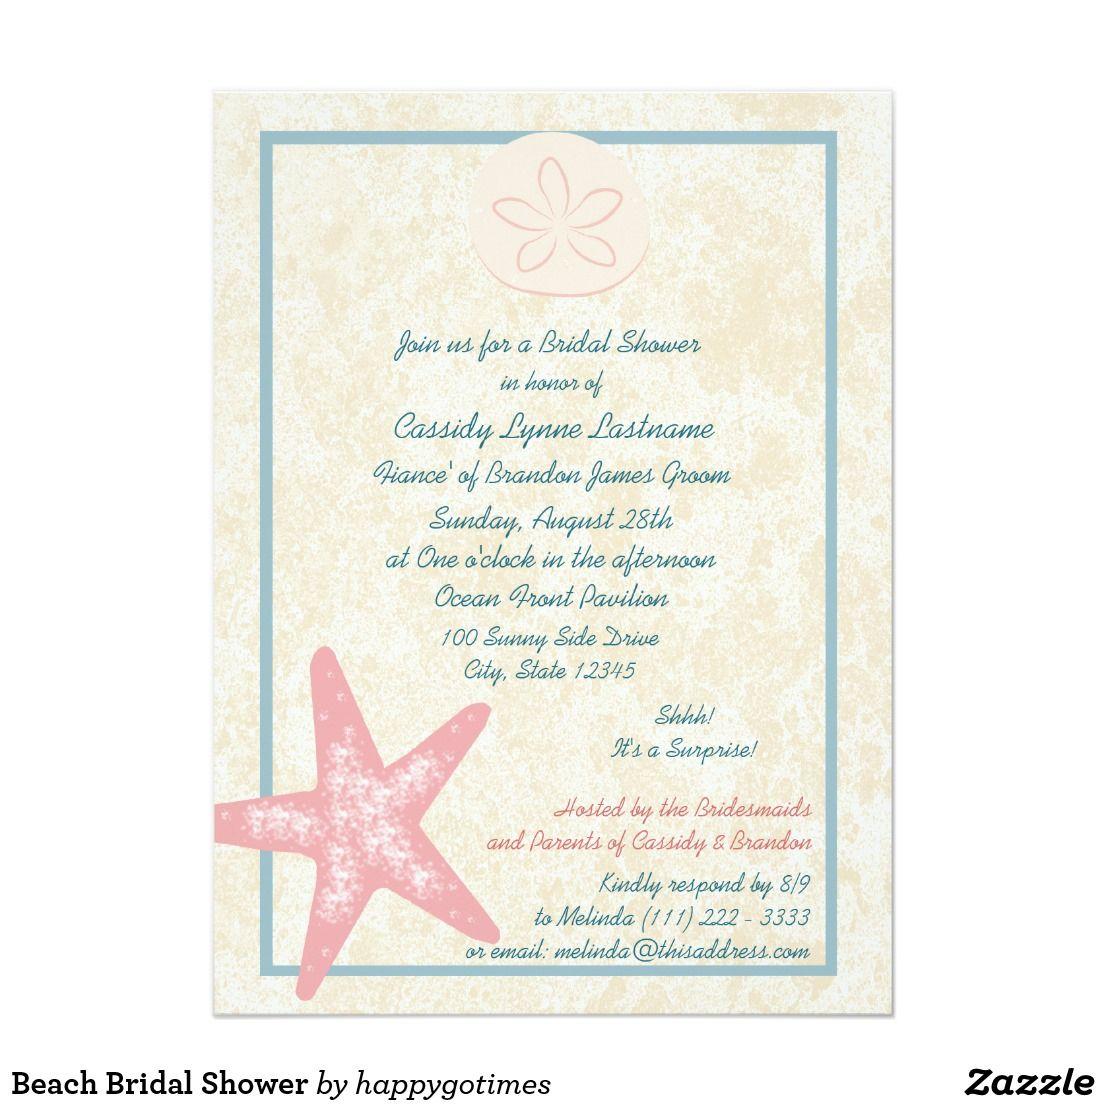 Beach Bridal Shower Card Adorable Beach theme bridal shower ...